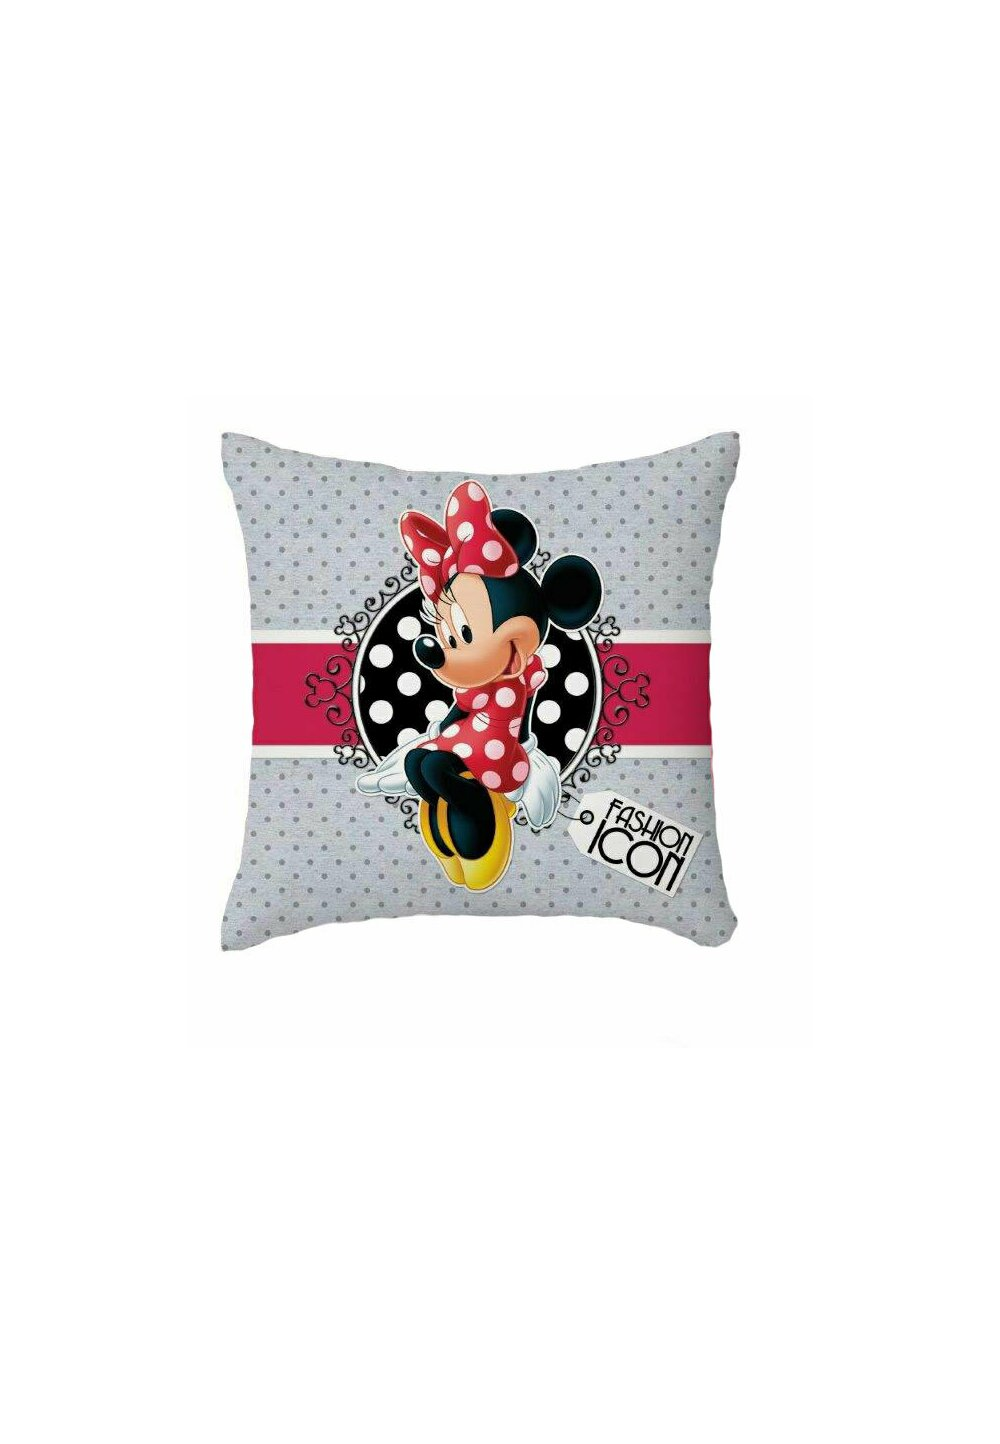 Fata perna, Minnie Mouse, gri cu bulinute gri, 40x40 cm imagine